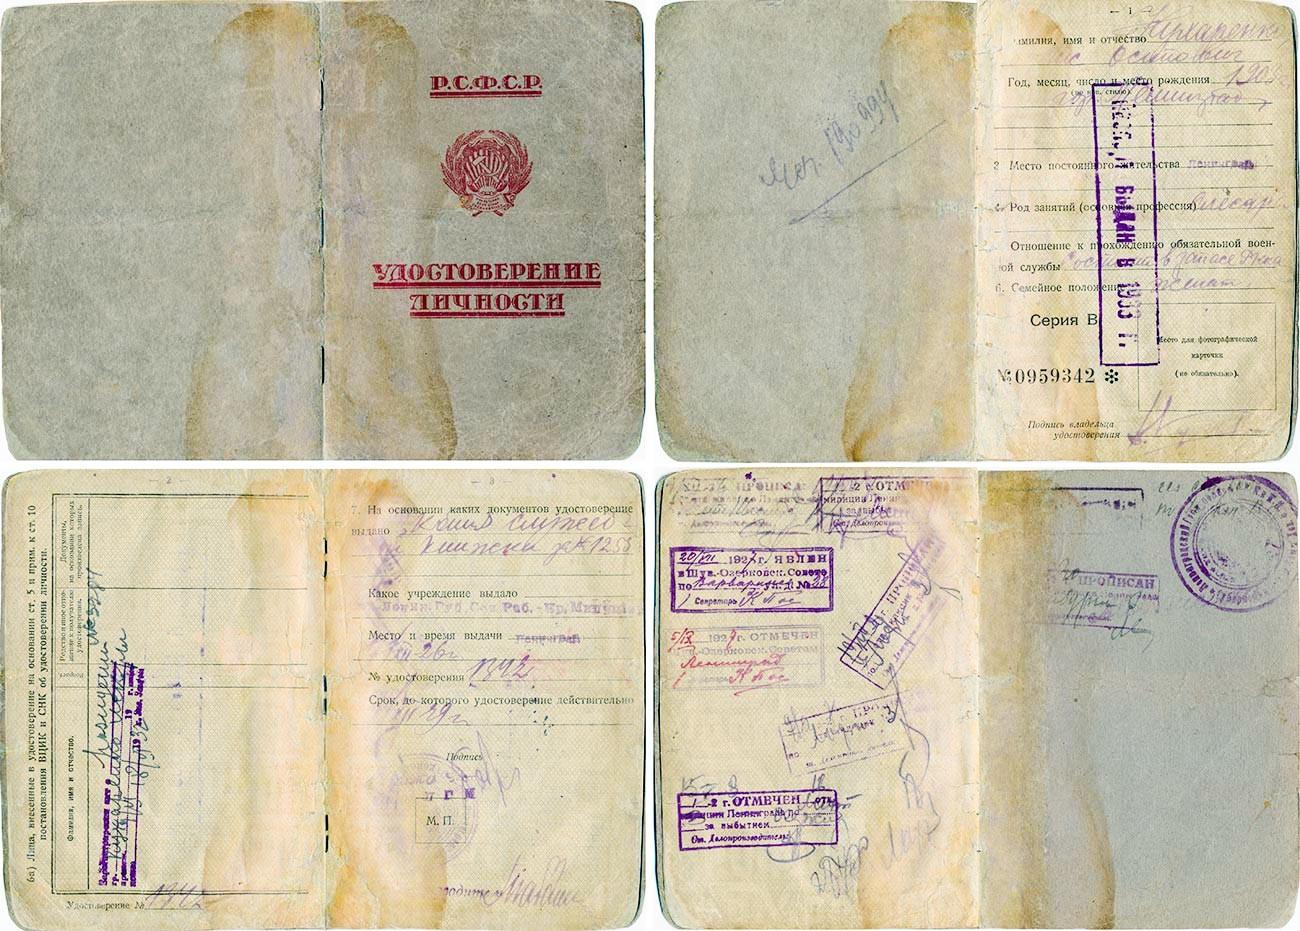 プロピスカのスタンプされた身分証明書、1926年